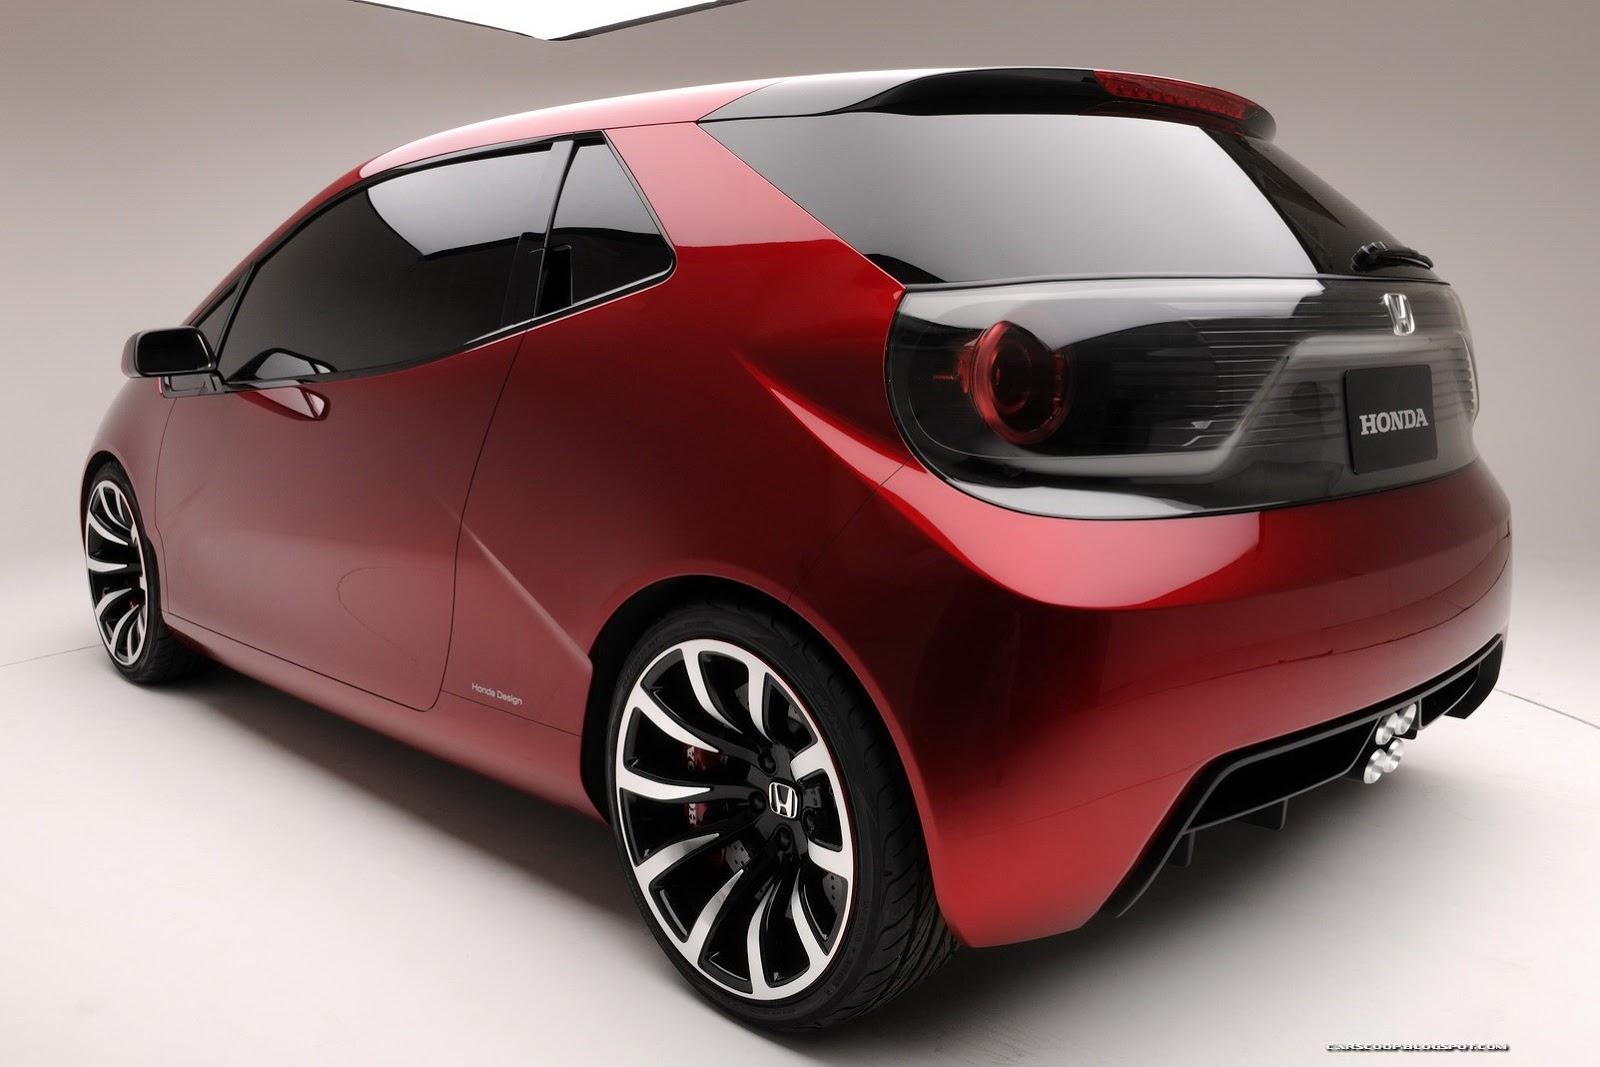 Honda-Gear-Concept-32